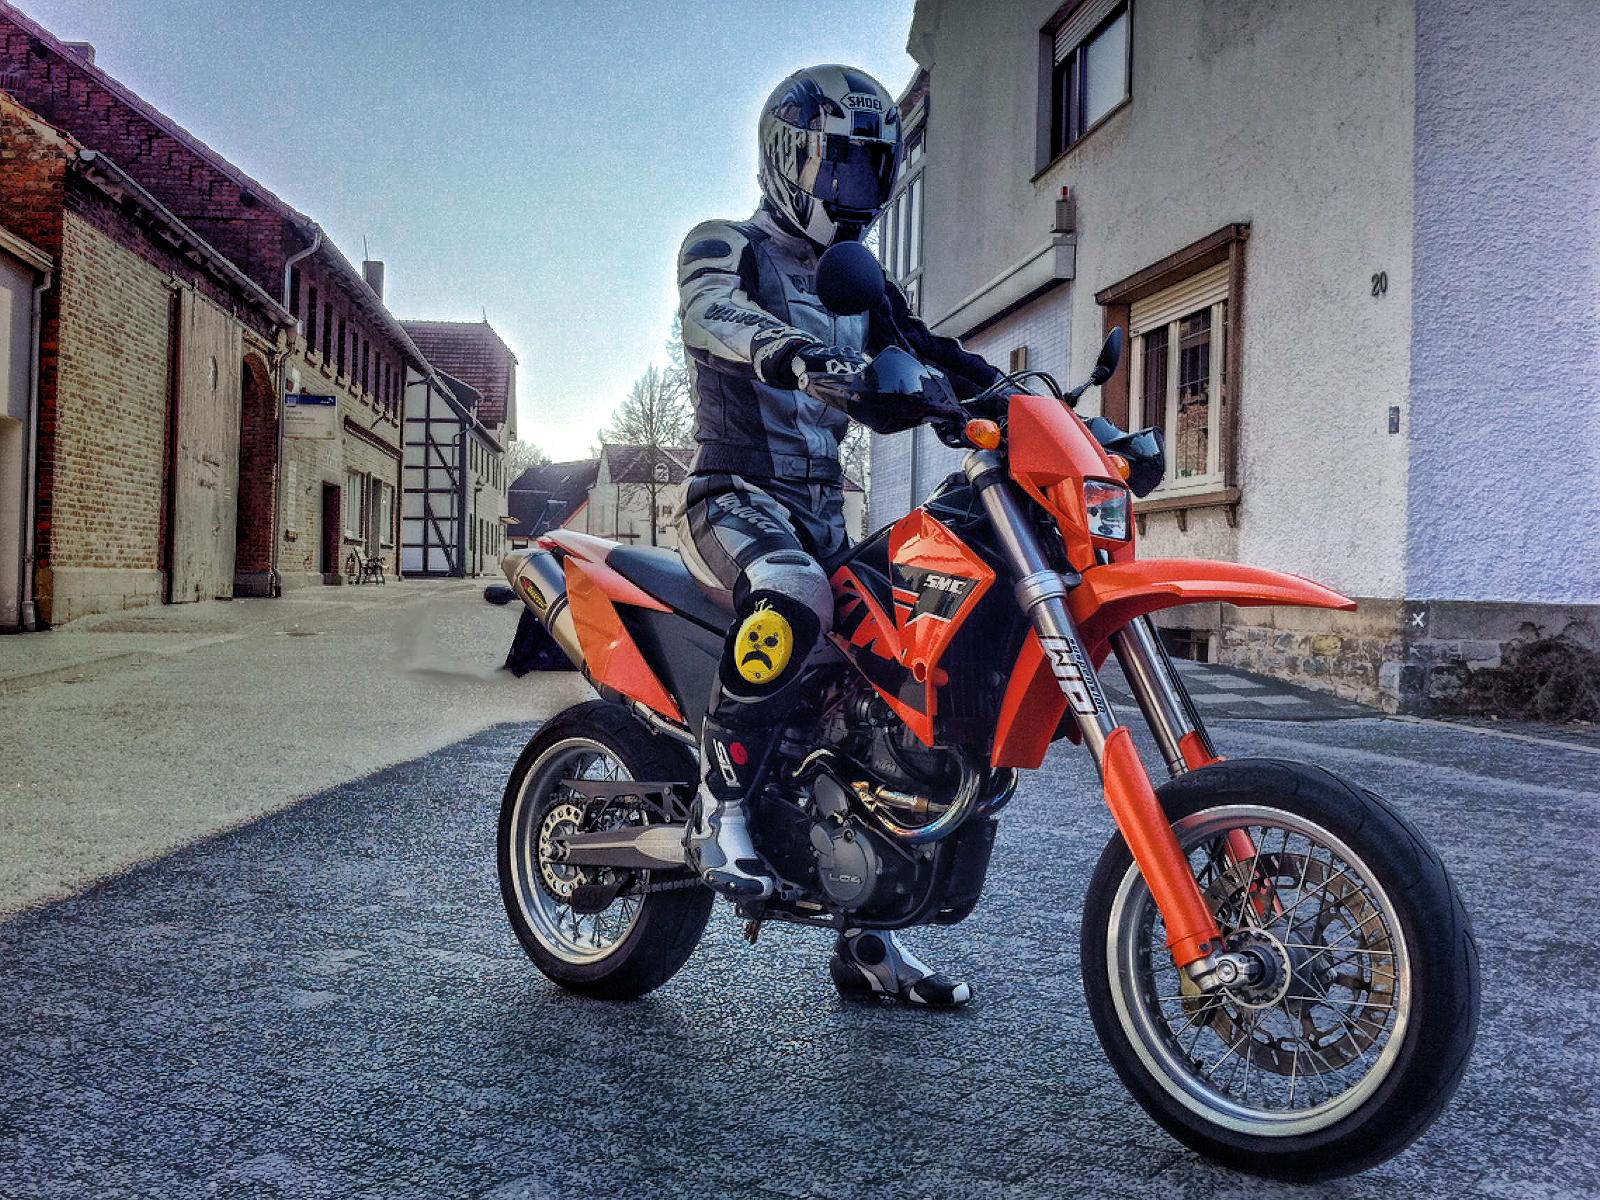 Ktm supermotard   Ktm supermoto, Motorcycle dirt bike